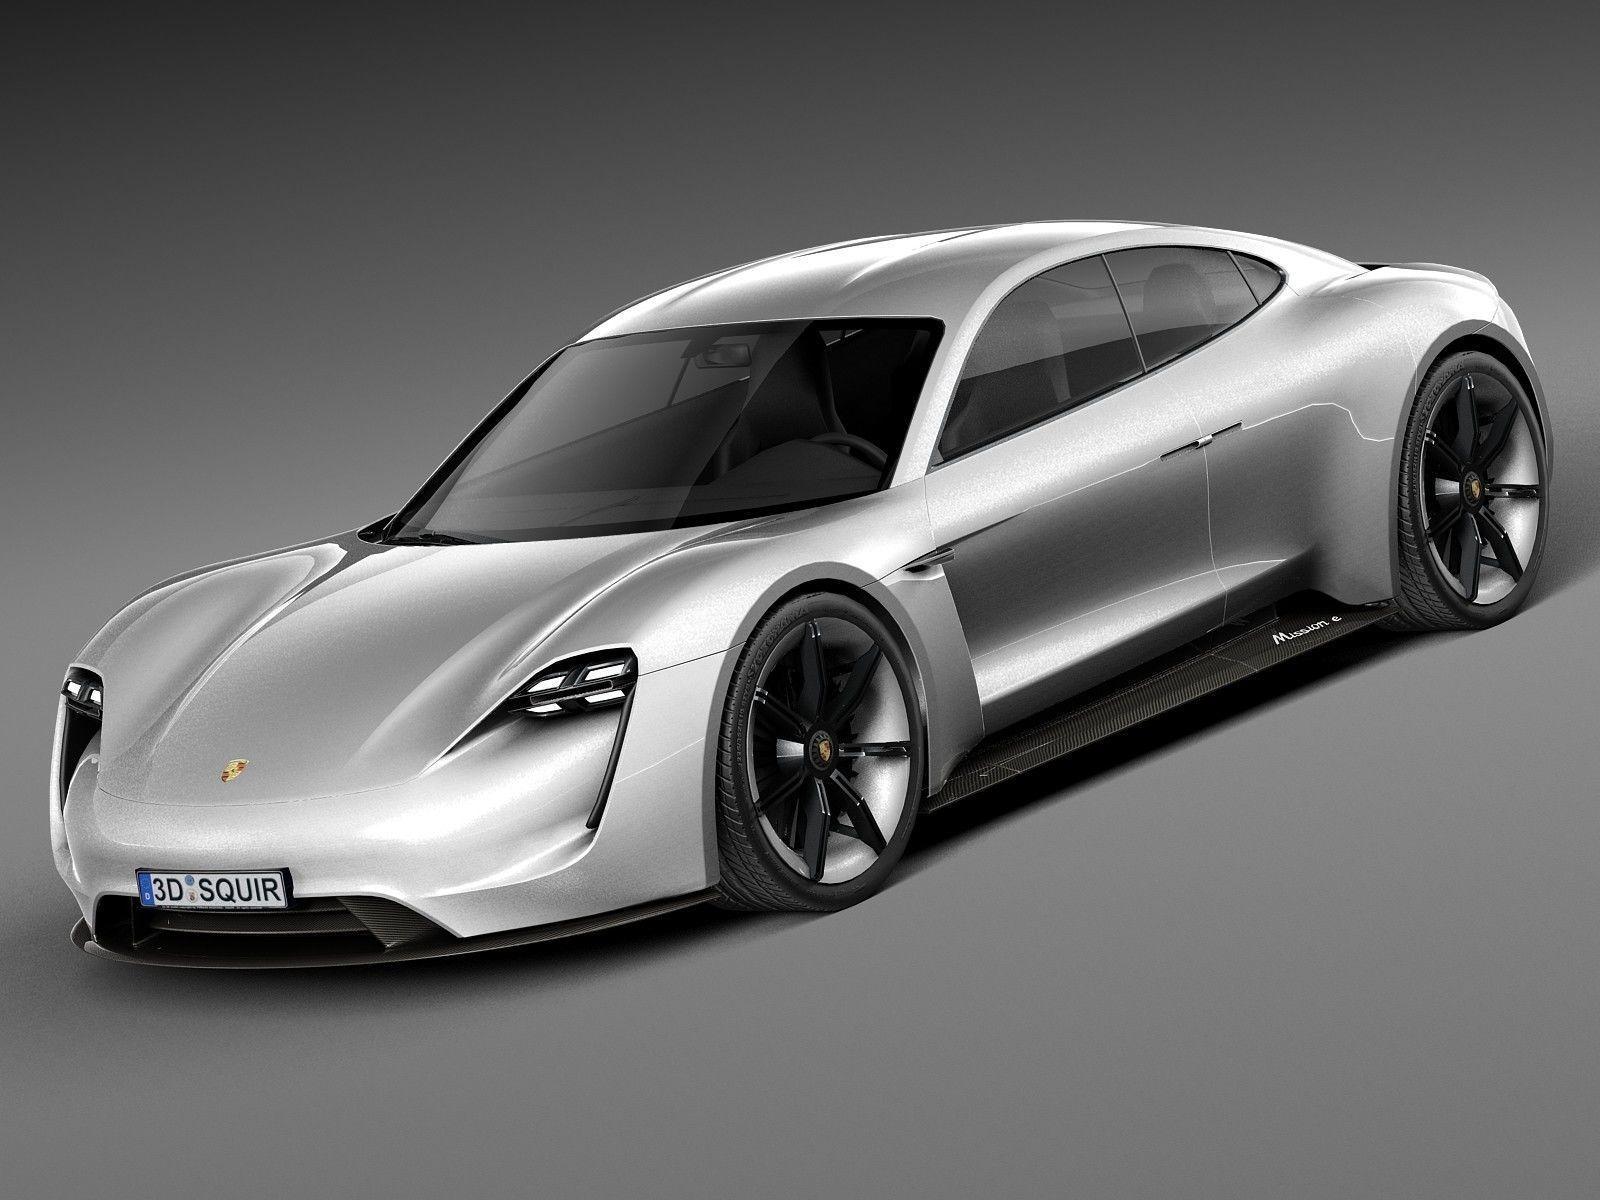 HQ LowPoly Porsche Mission E Concept 2015